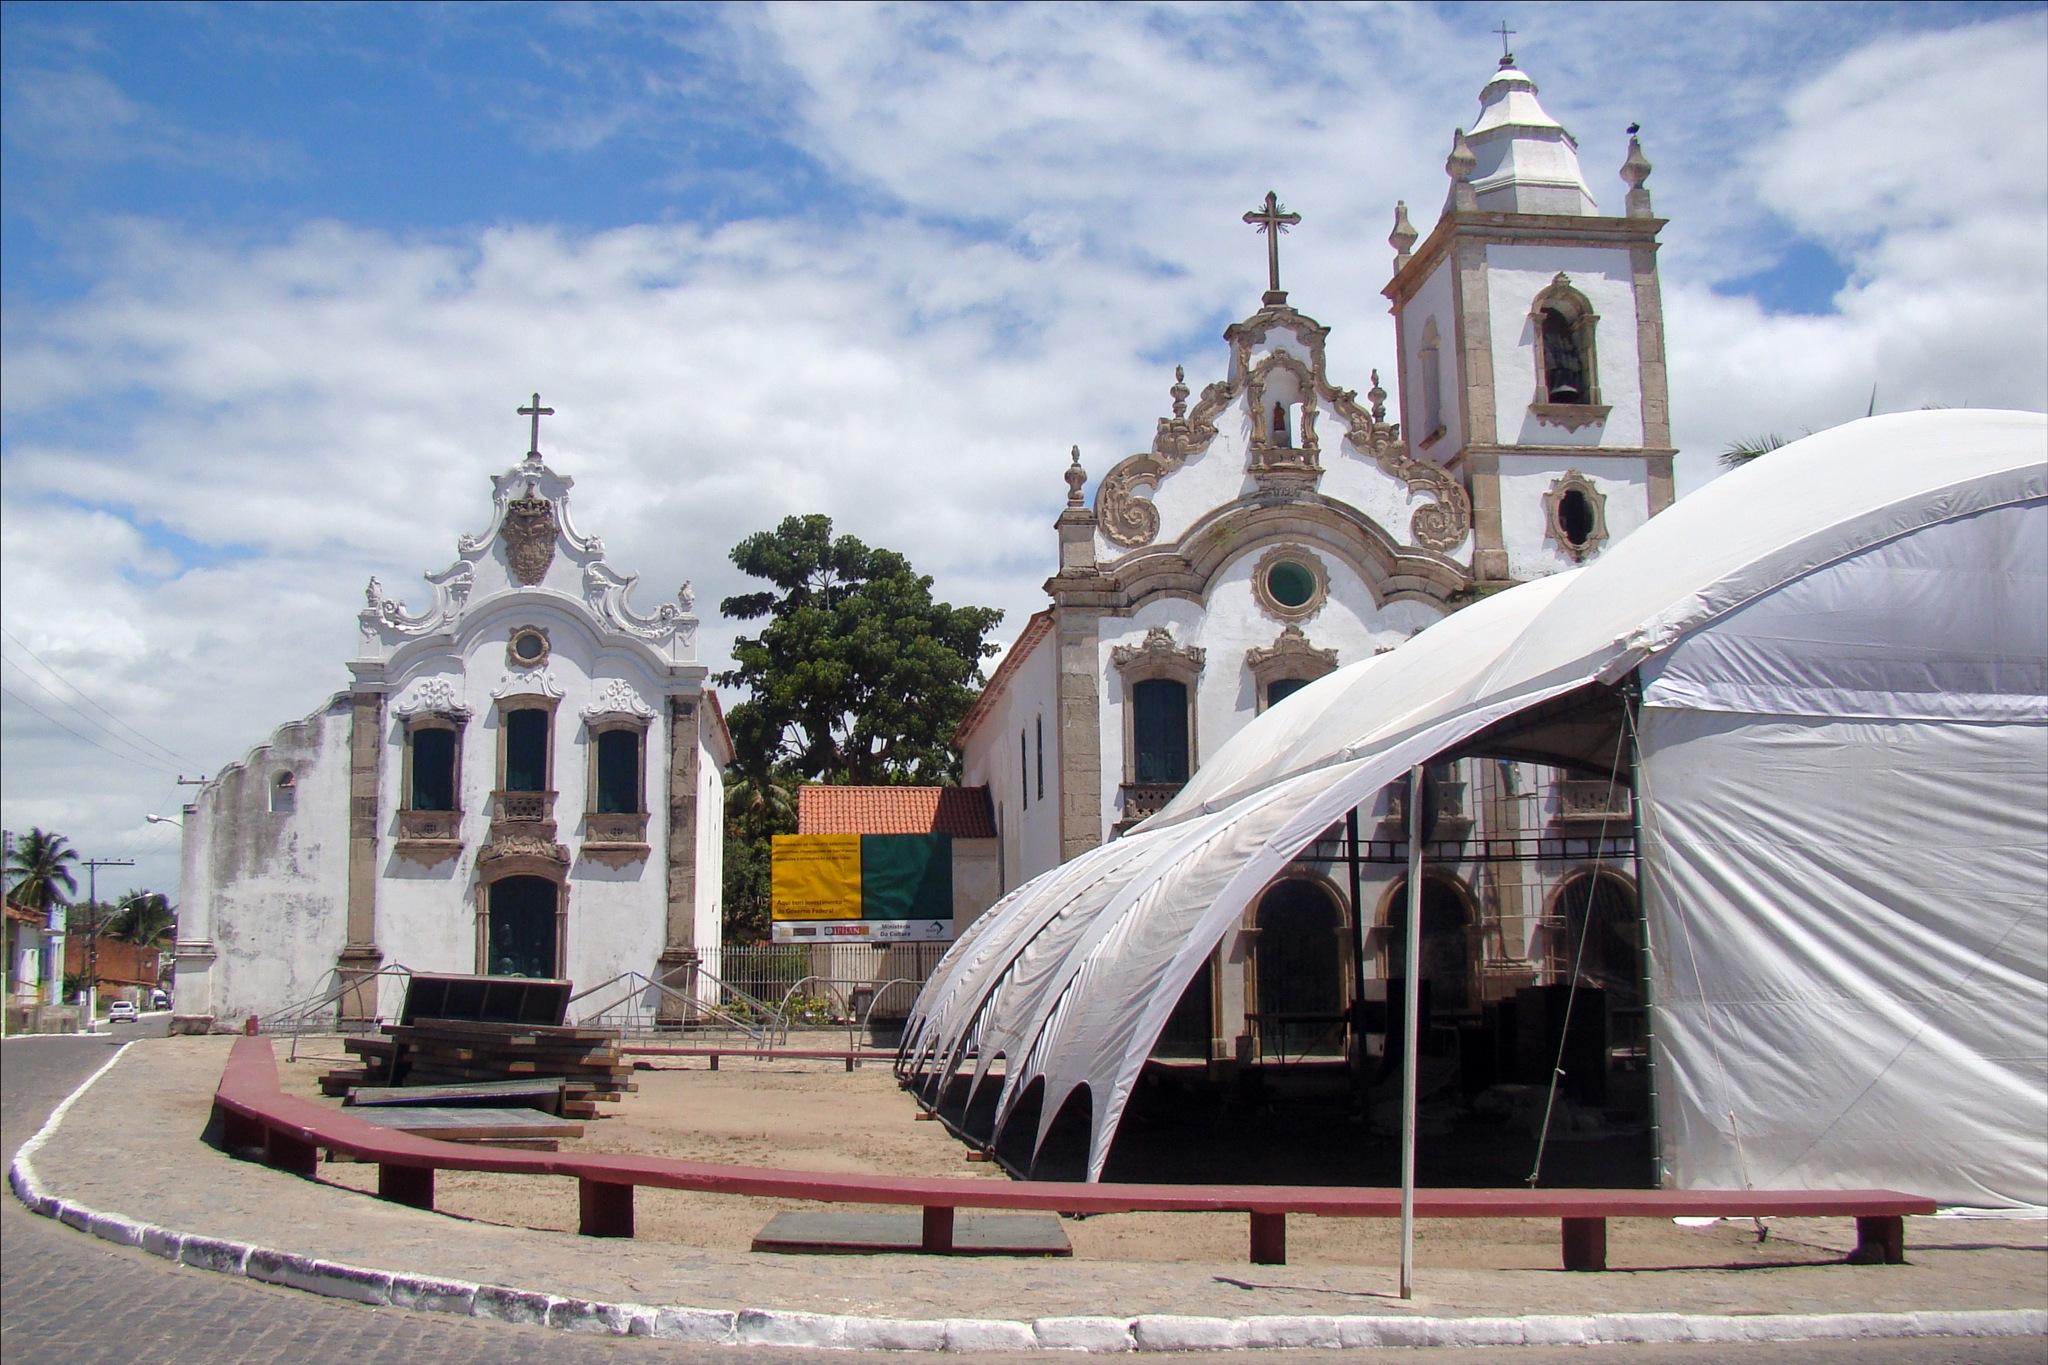 Igreja de Santa Maria Madalena e  Igreja do Convento de São Francisco by Fred Matos